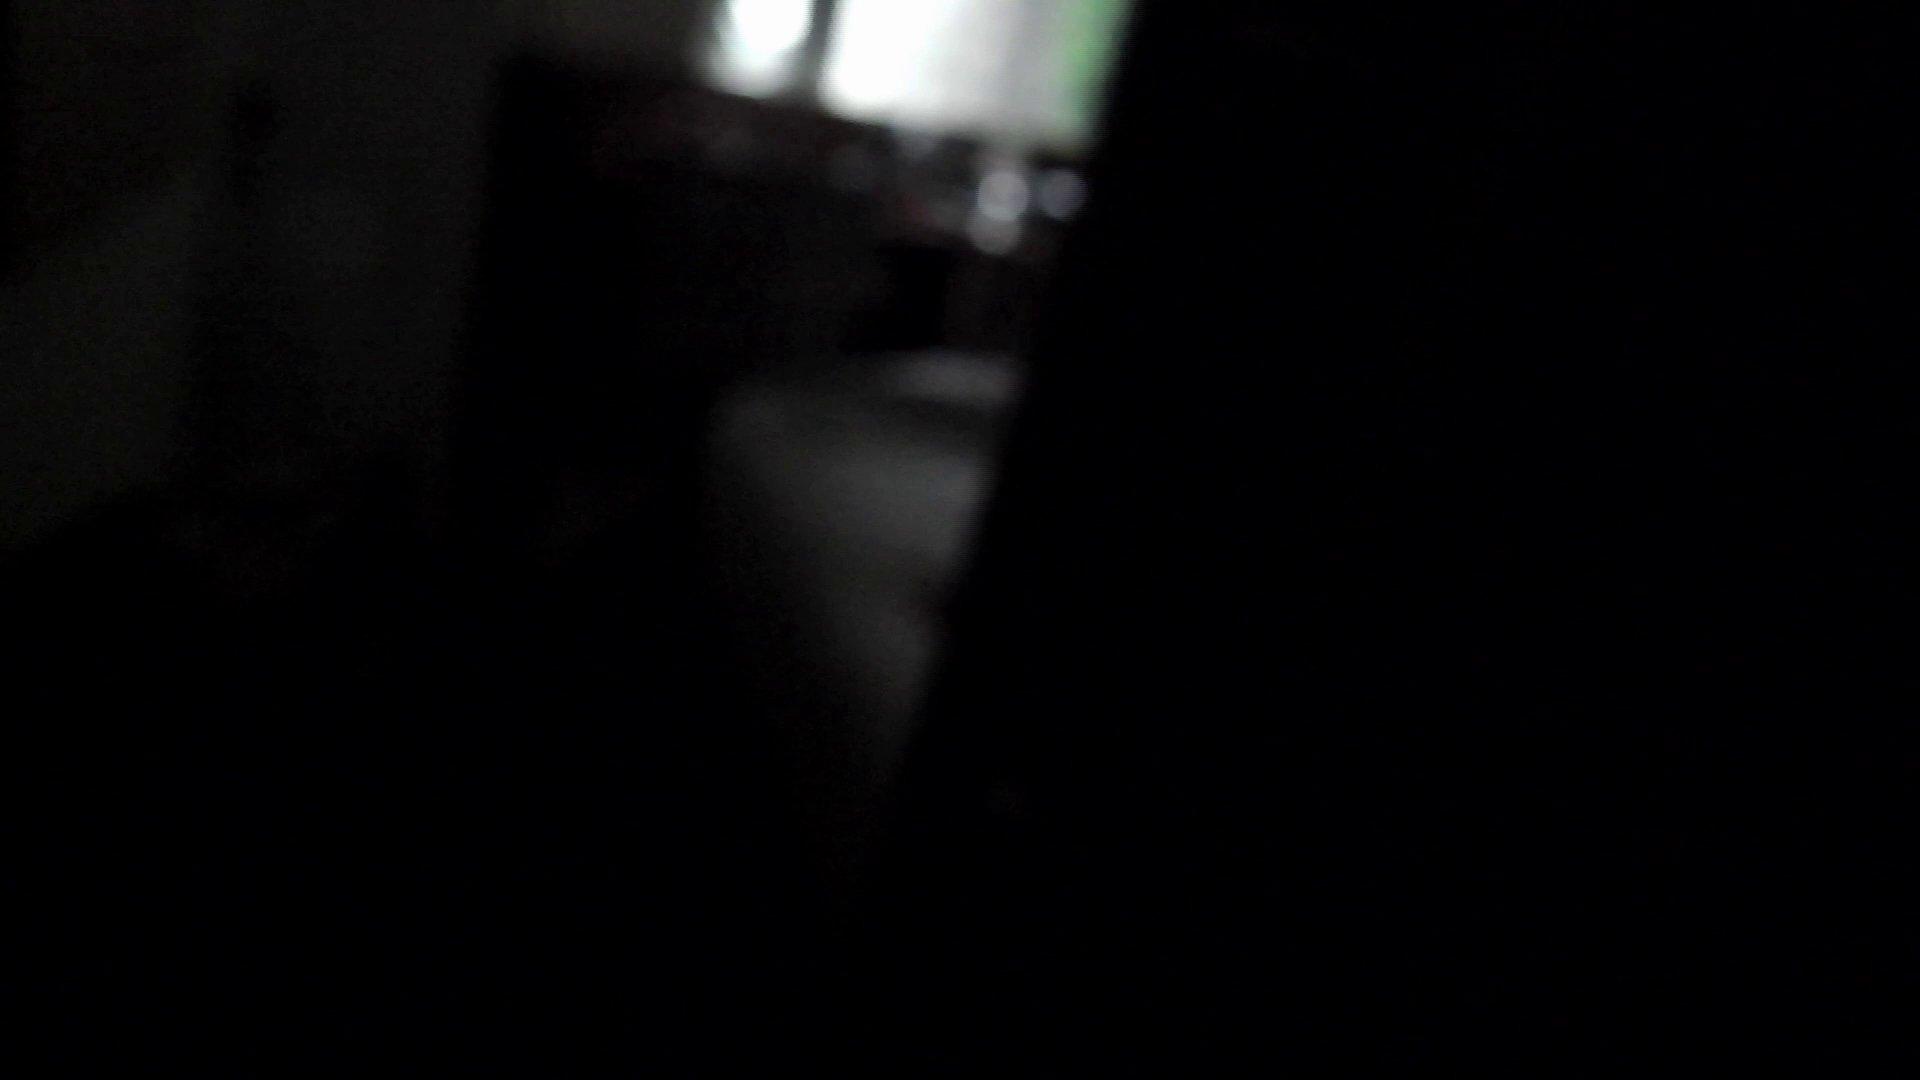 ヒトニアラヅNo.01 侵入 美肌 おめこ無修正画像 80枚 23